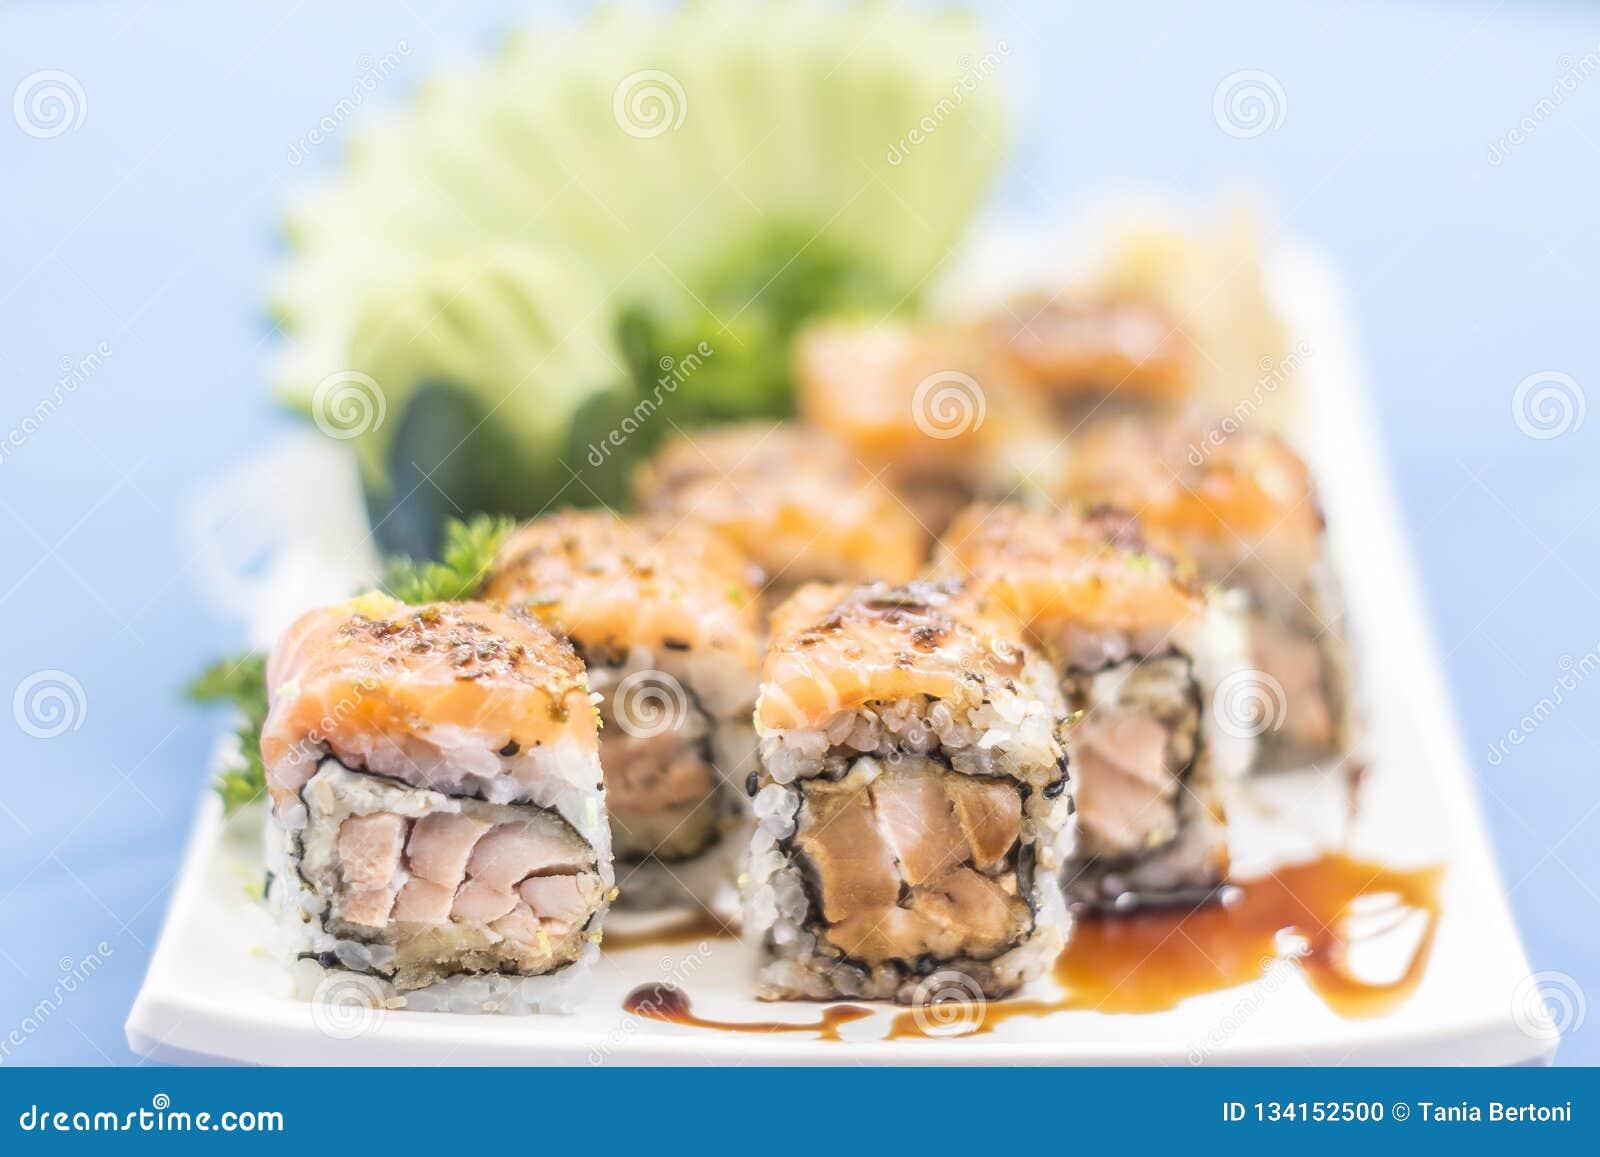 Placa branca com alimento japonês